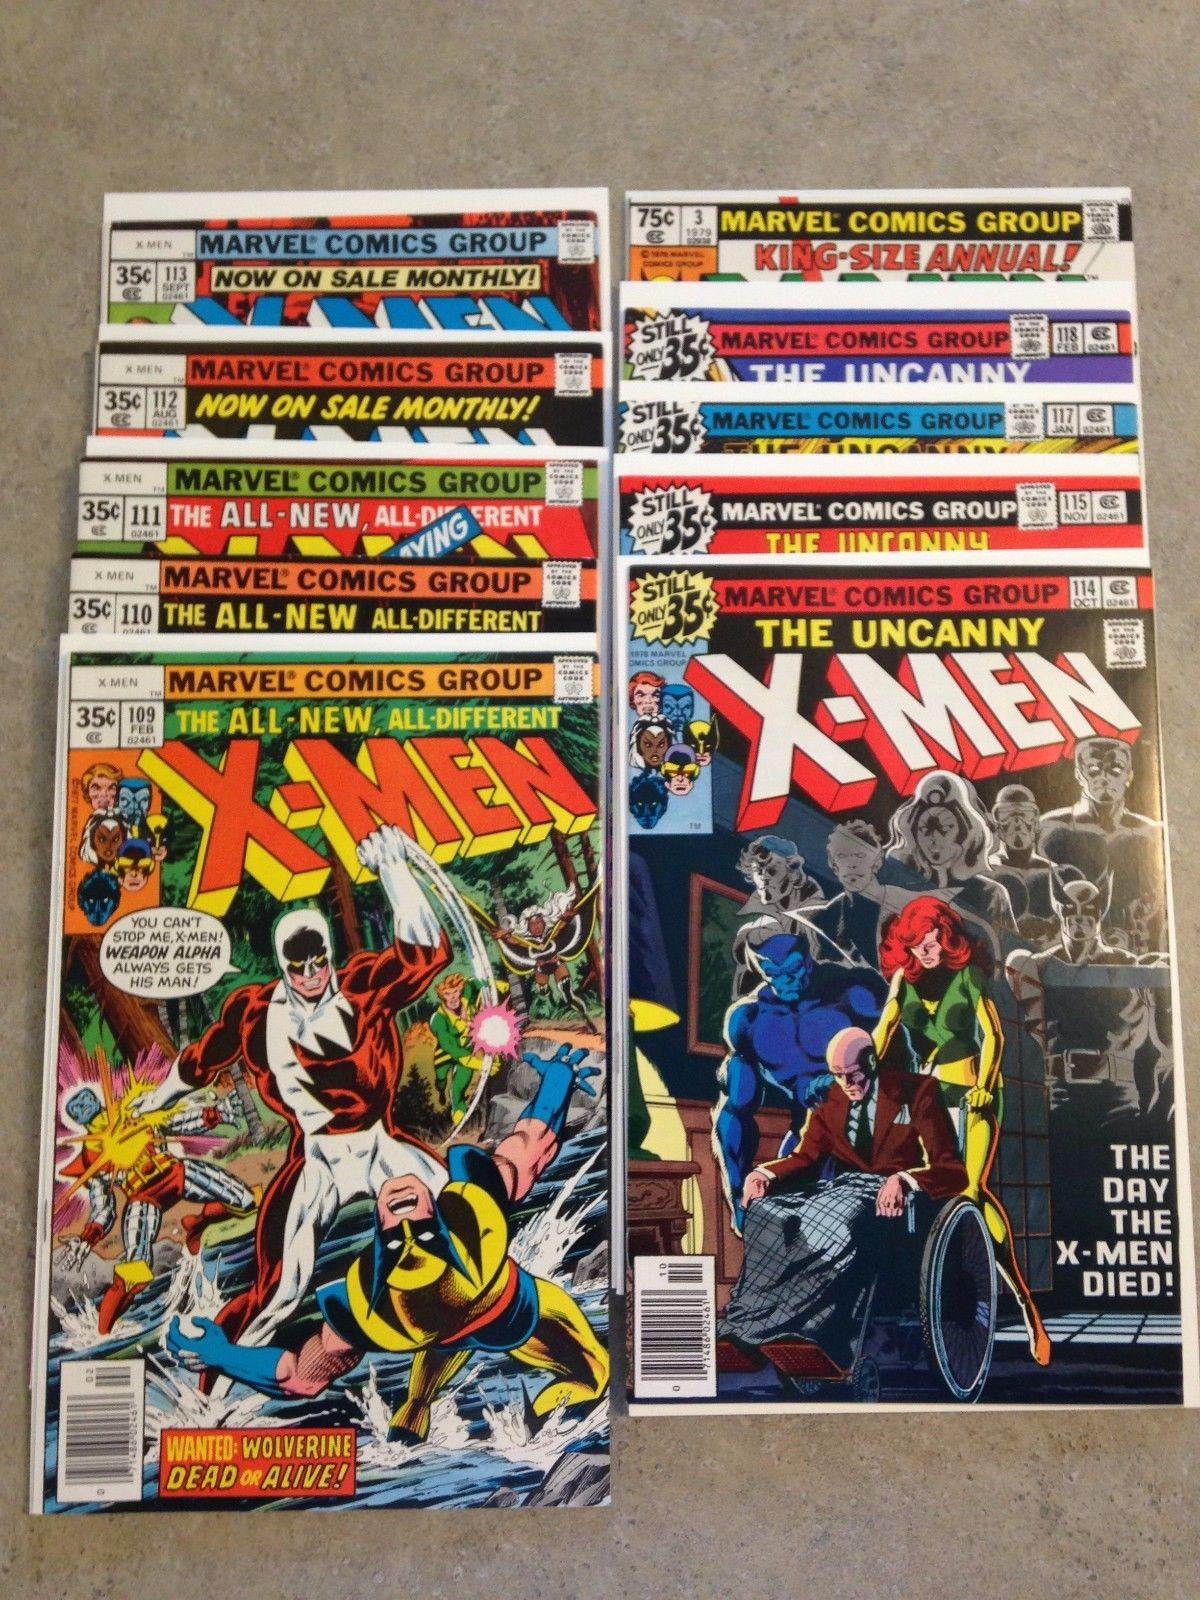 Uncanny X-men 109,110,111,112,113,114,115,117,118, Annual #3 - (no  #116)